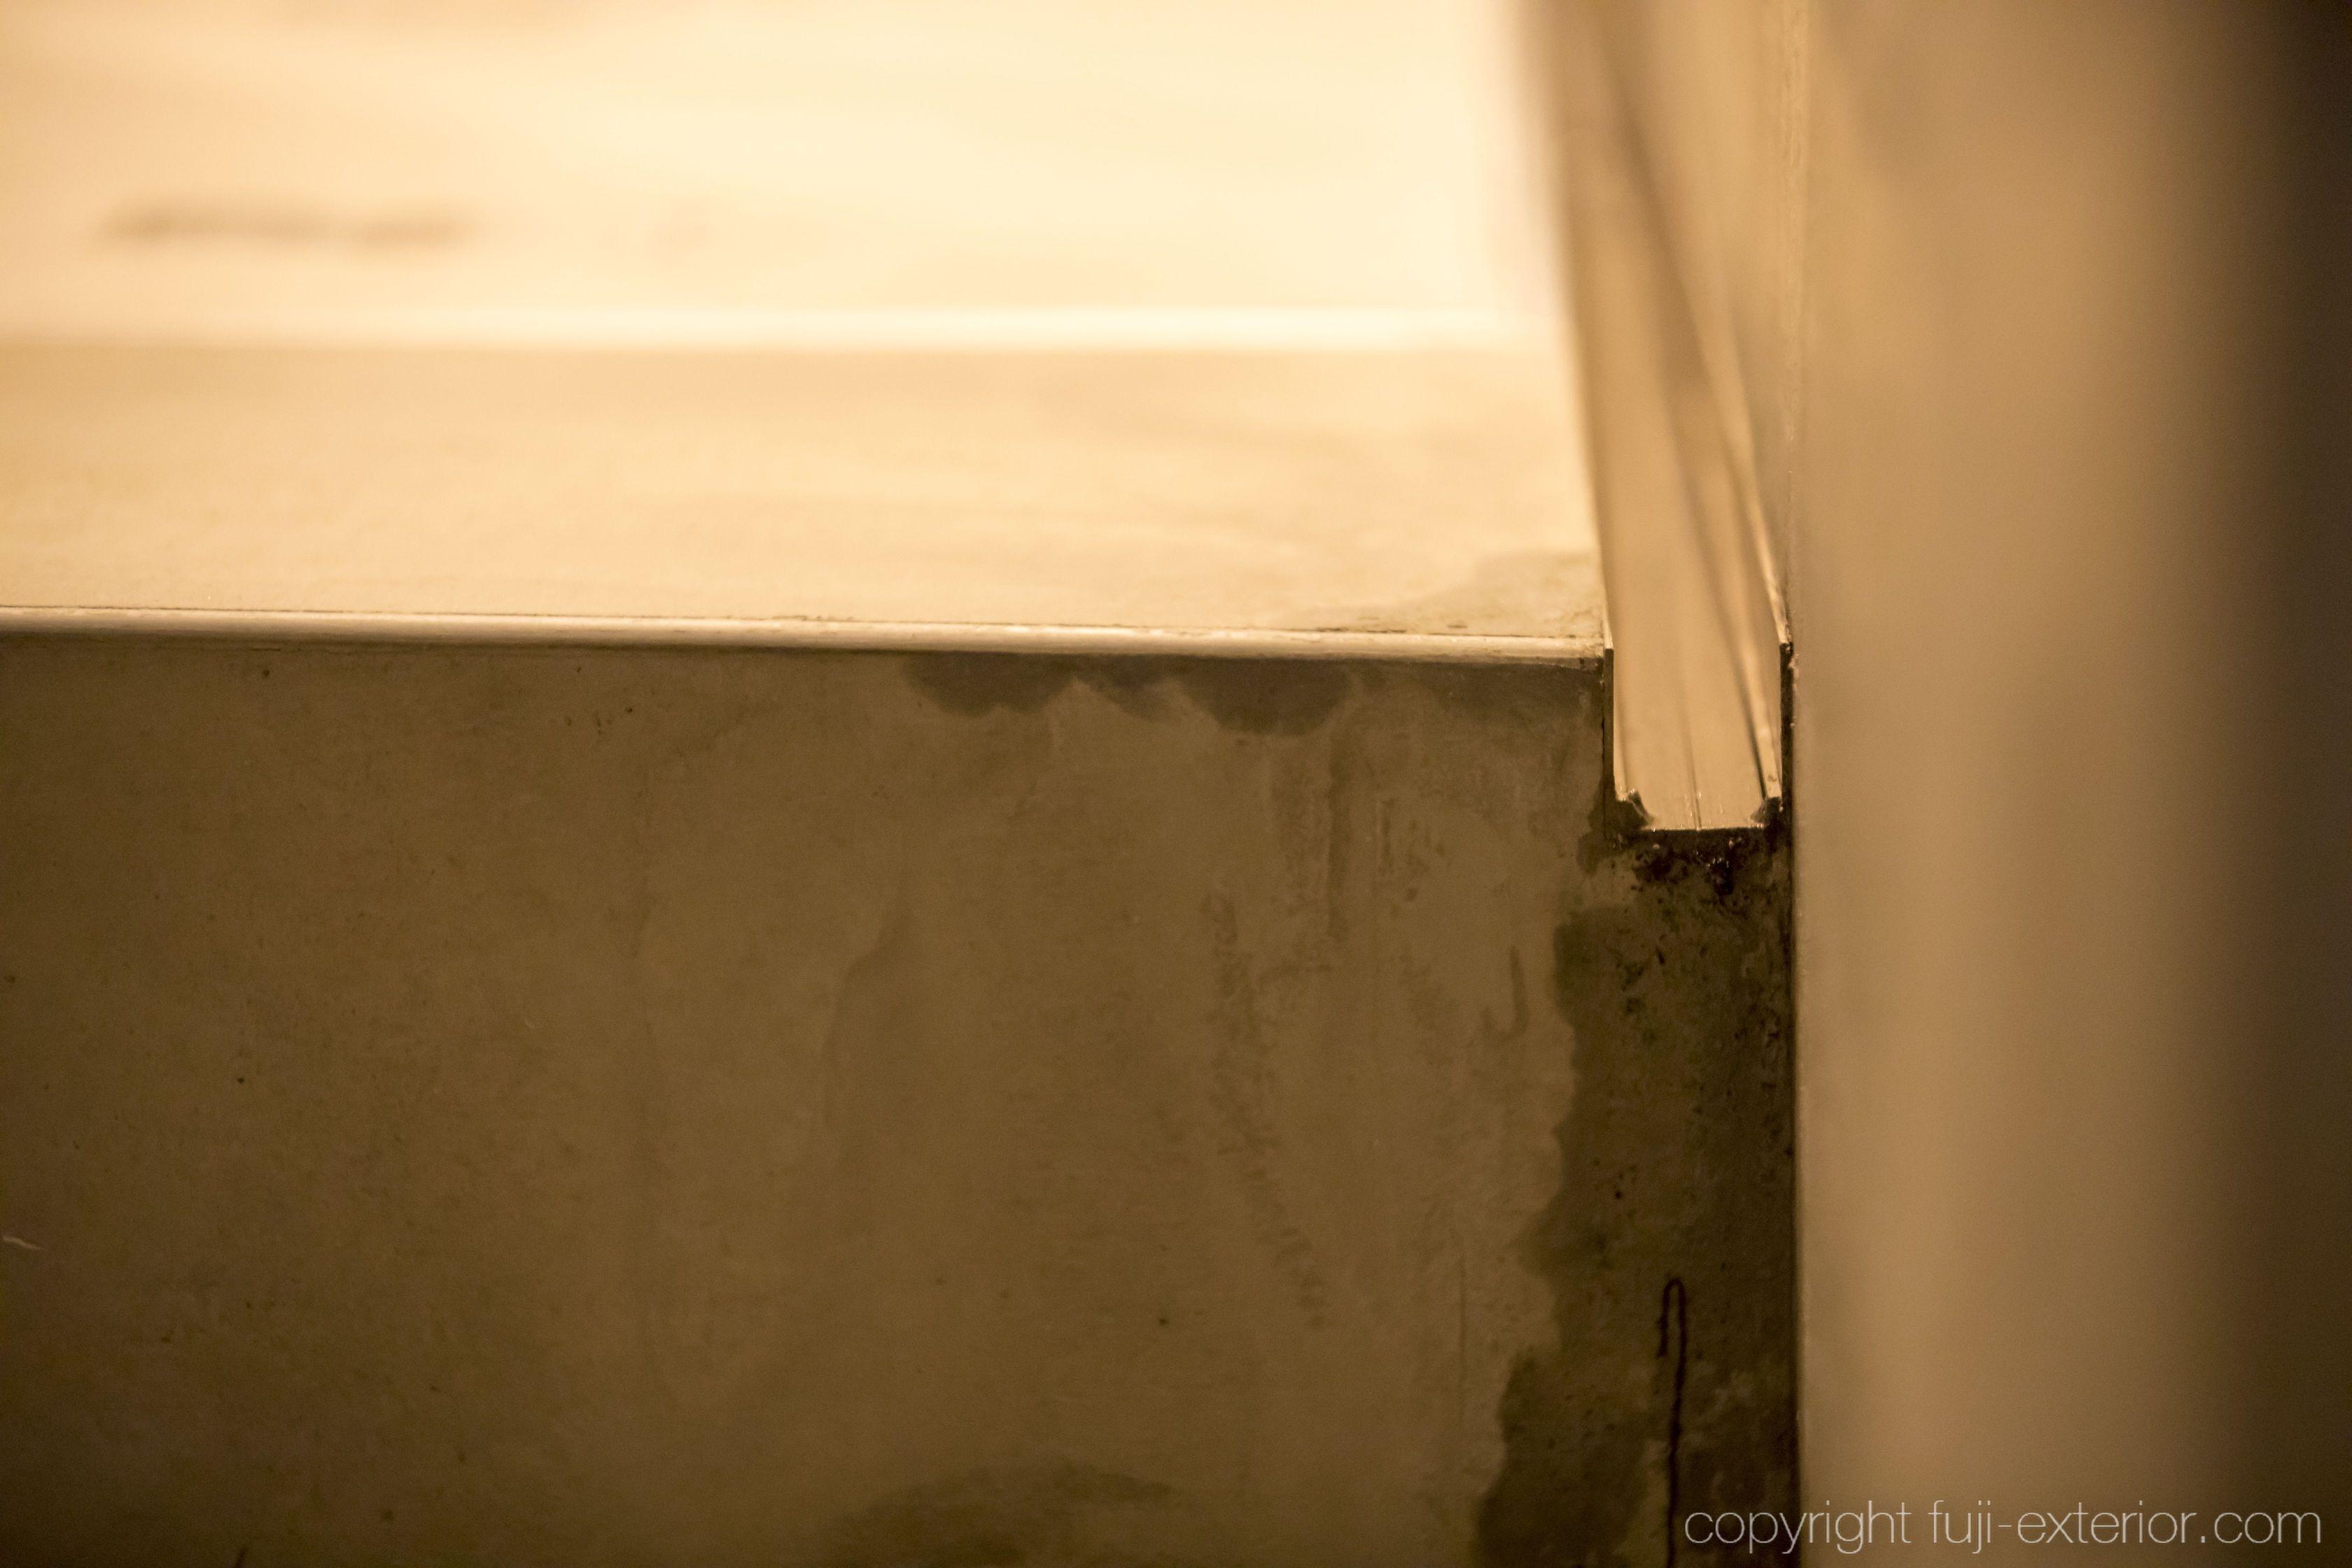 アルミアングル 雨水対策